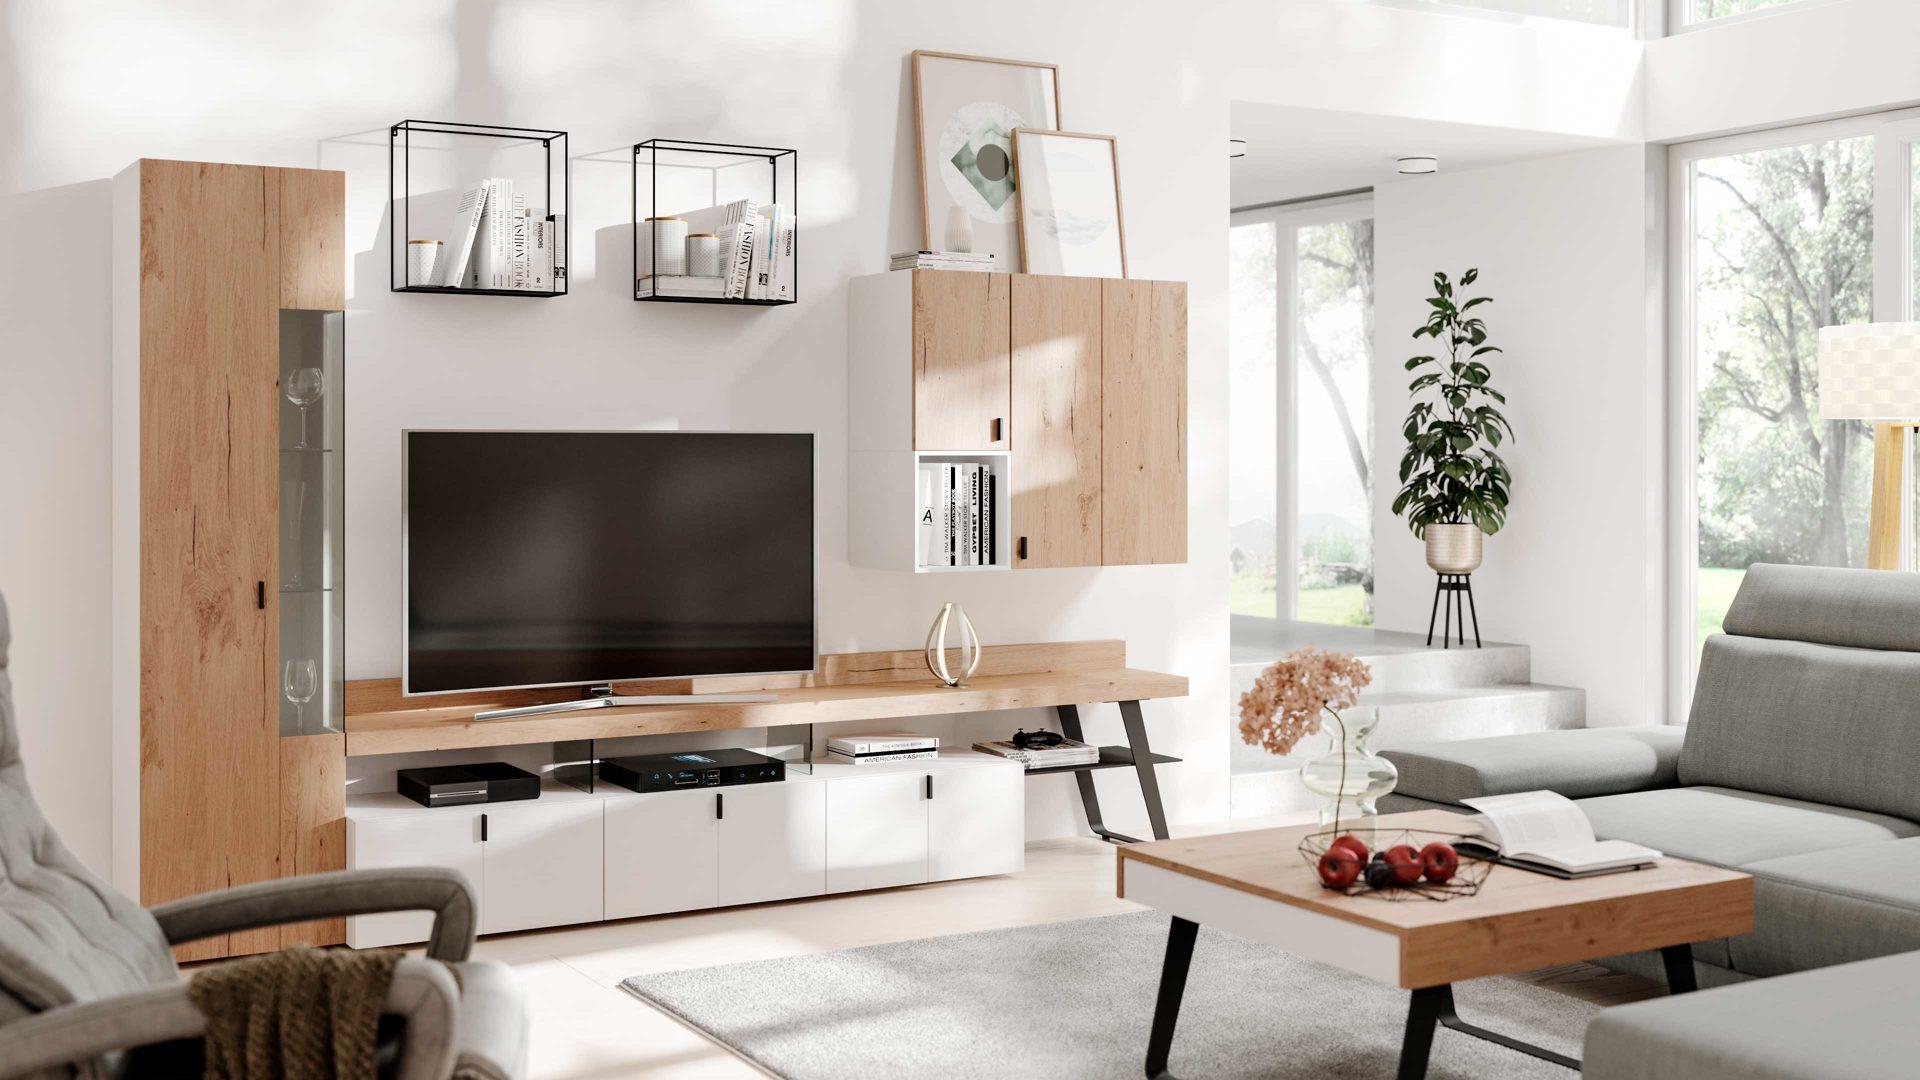 Interliving Wohnzimmer Serie 8 – Wohnwand IN8, weißer Lack, Balkeneiche  & anthrazitfarbenes Metall – vierteilig, Breite